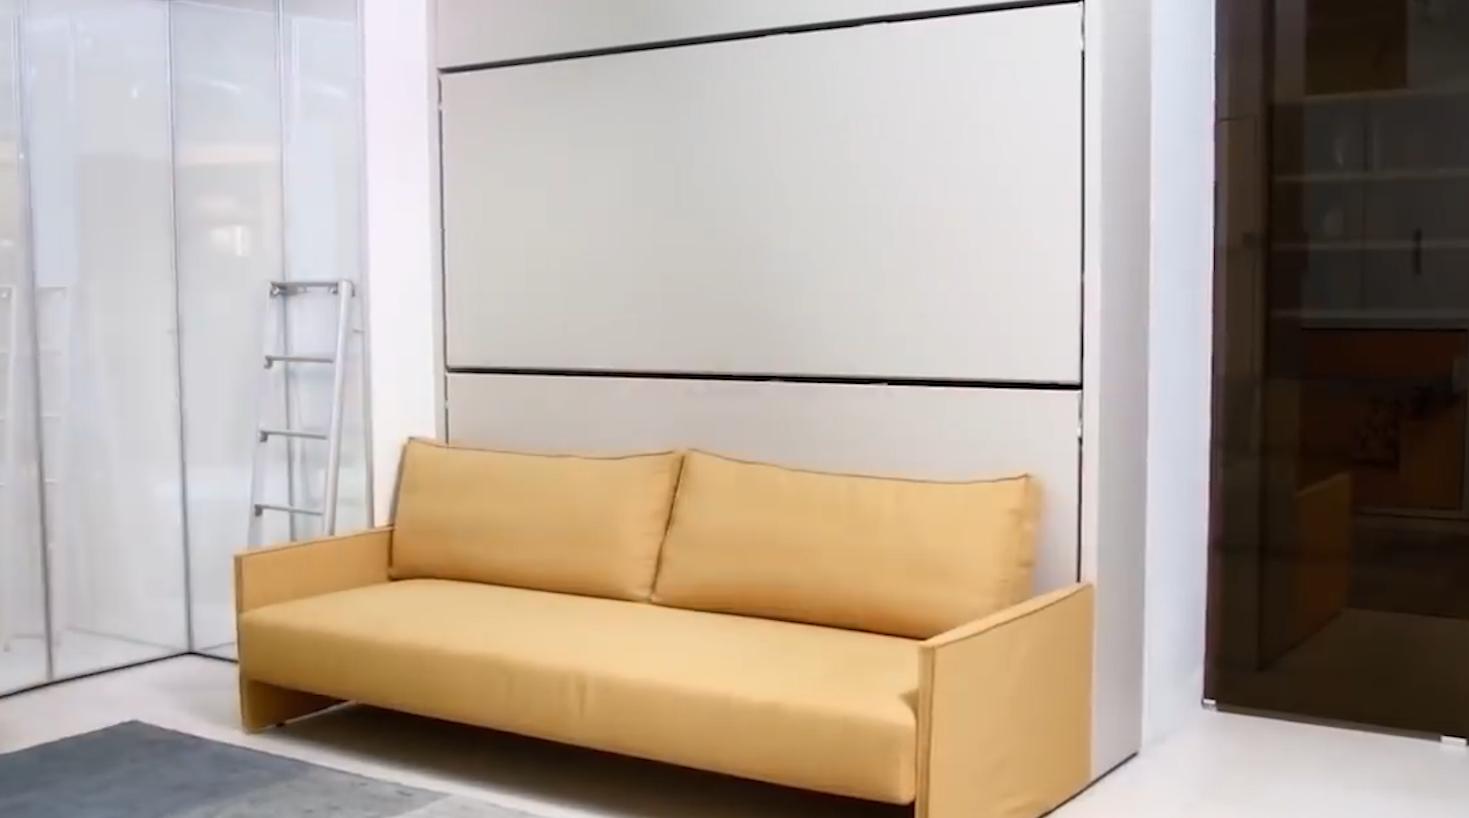 多功能變形床  將沙發和床的功能結合起來,既能變成沙發,也能變成床